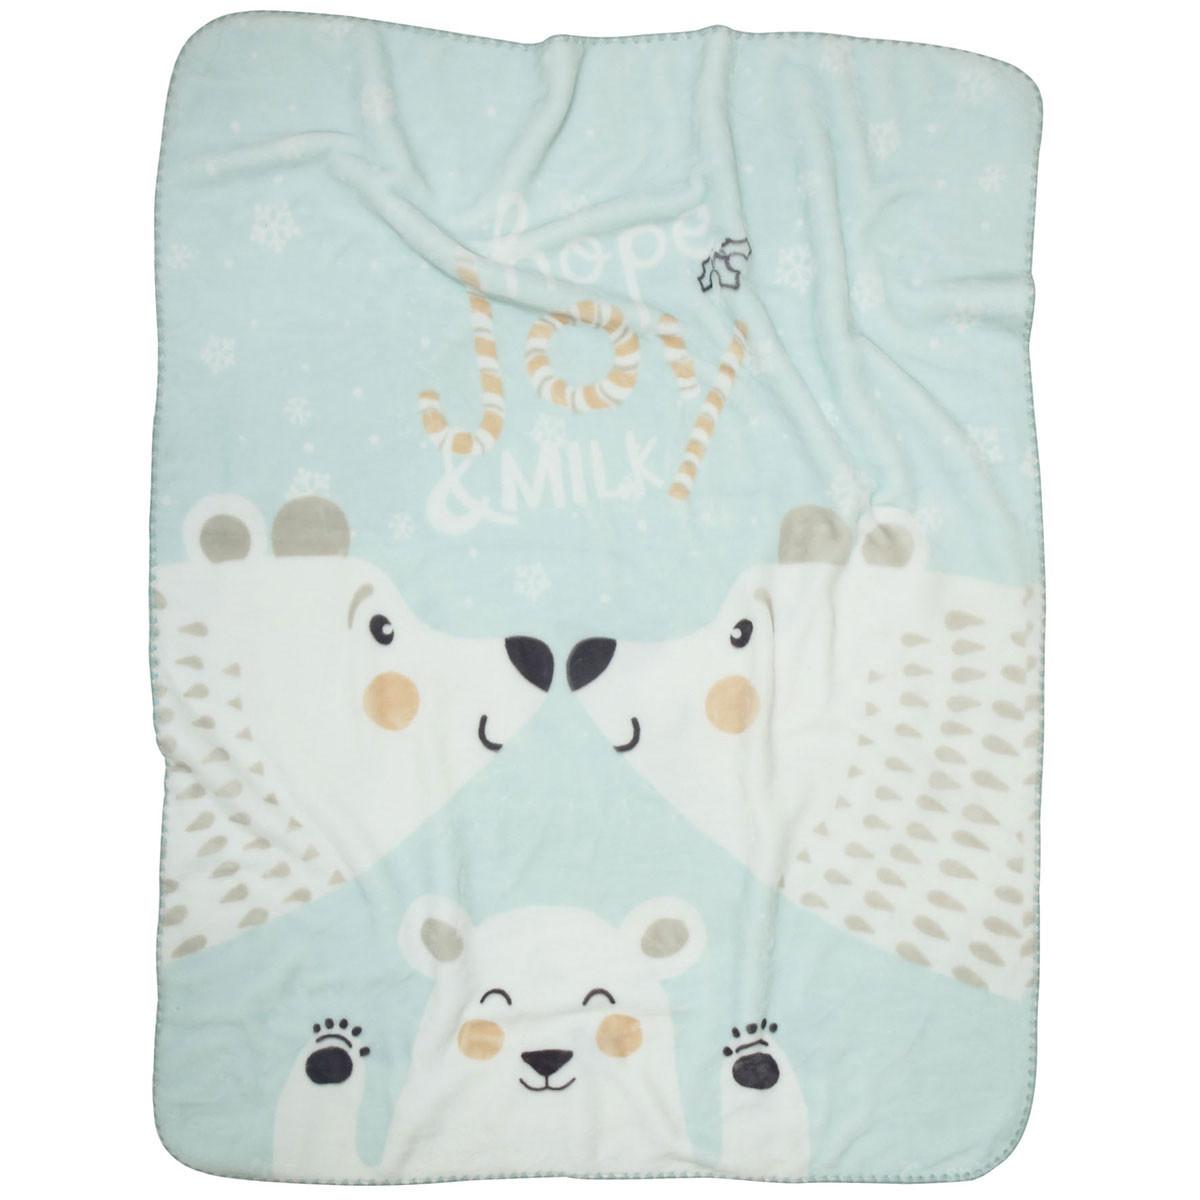 Κουβέρτα Βελουτέ Κούνιας Das Home Blanket Line 6488 home   βρεφικά   κουβέρτες βρεφικές   κουβέρτες βελουτέ